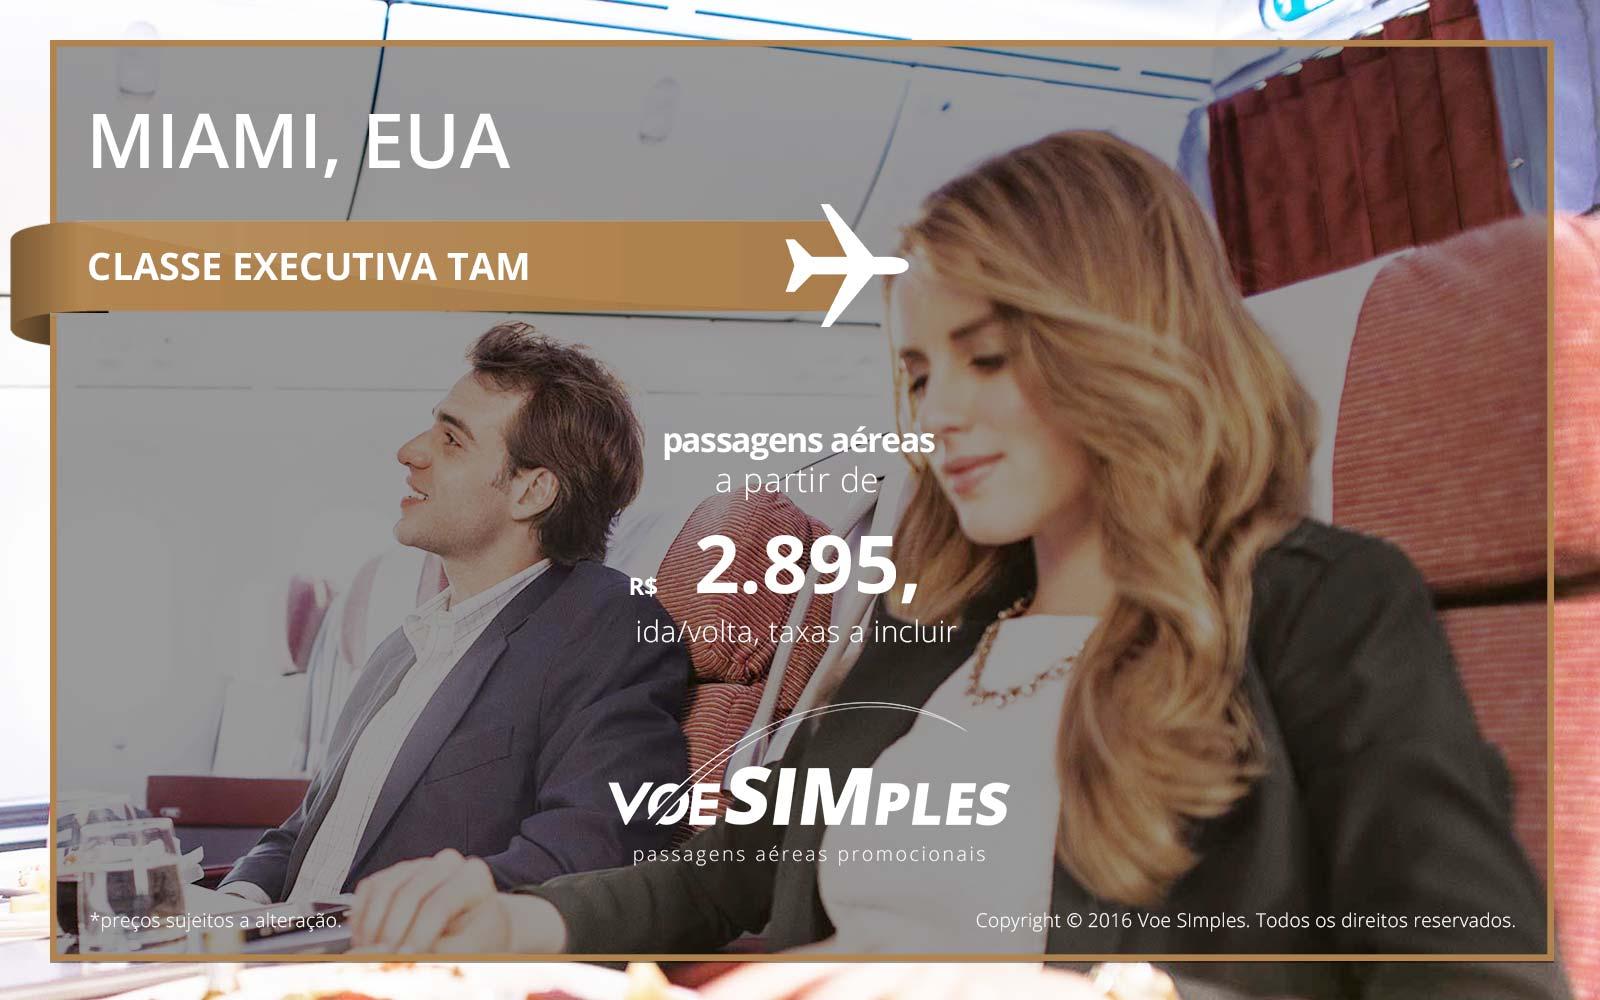 Passagem aérea Classe Executiva TAM para Miami